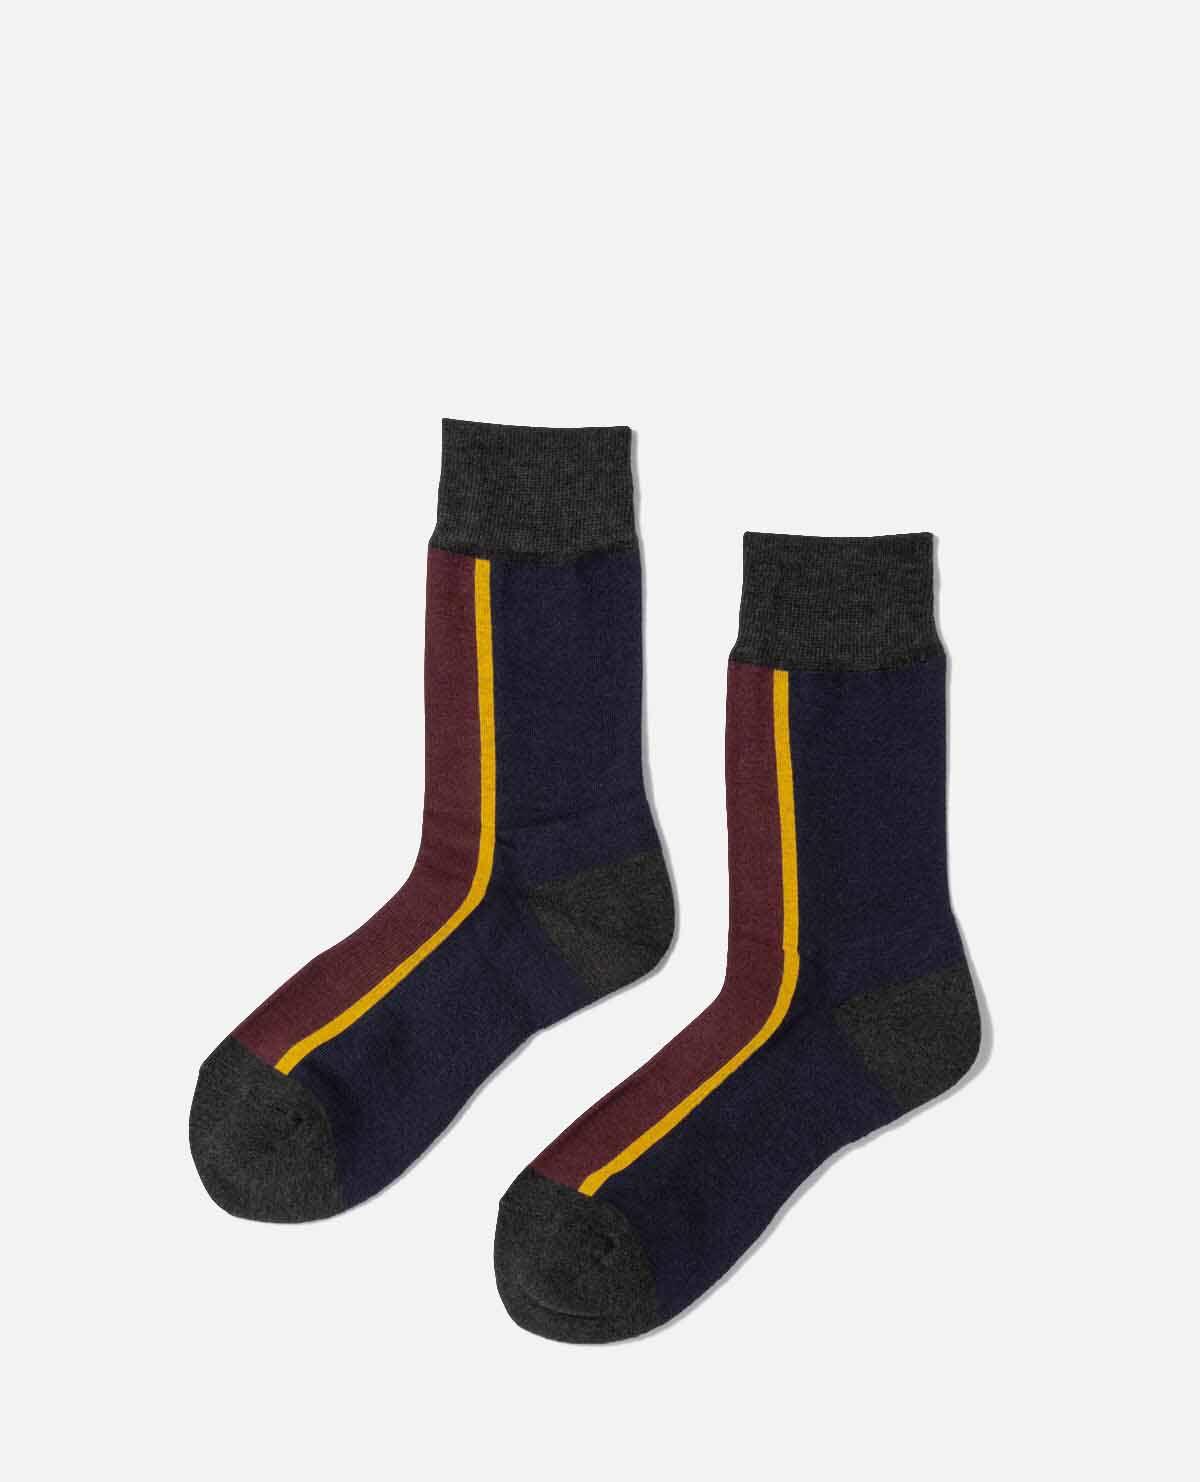 靴下 ブラック ダークネイビー ネイビー 3足セット